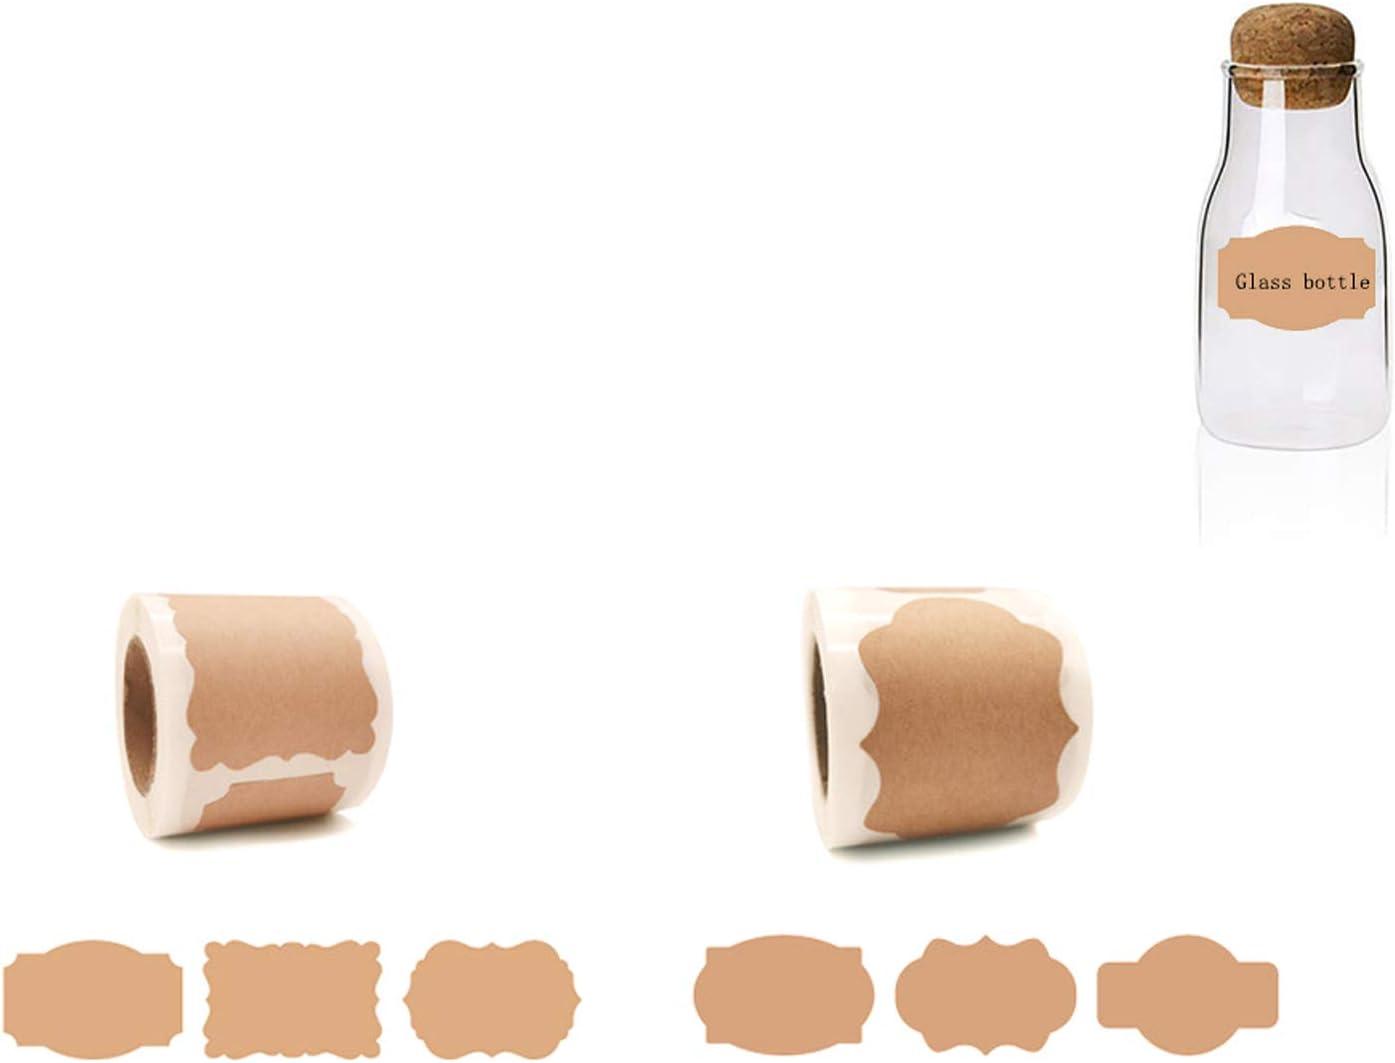 Barattoli,Regali 300 pezzi Etichette Adesive di Carta Kraft Naturale,Sticker Tag Etichette,Kraft Sigilla Etichette Regalo per Buste,Etichette Vuote Adesive Regalo per Decorazioni Bottiglie